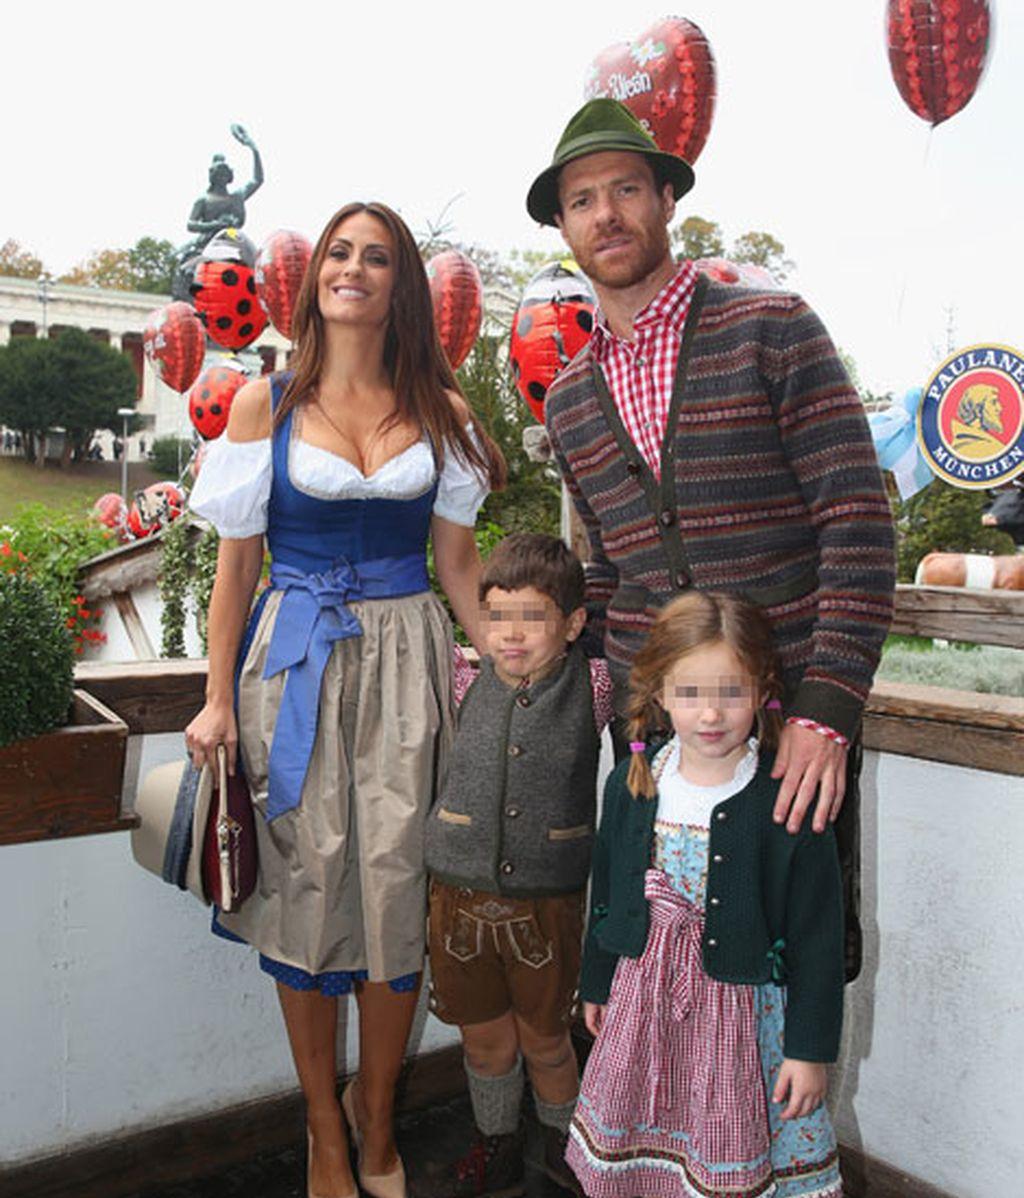 Jon y Ane, los hijos de Xabi y Nagore, parecen estar adaptados a su vida en Múnich